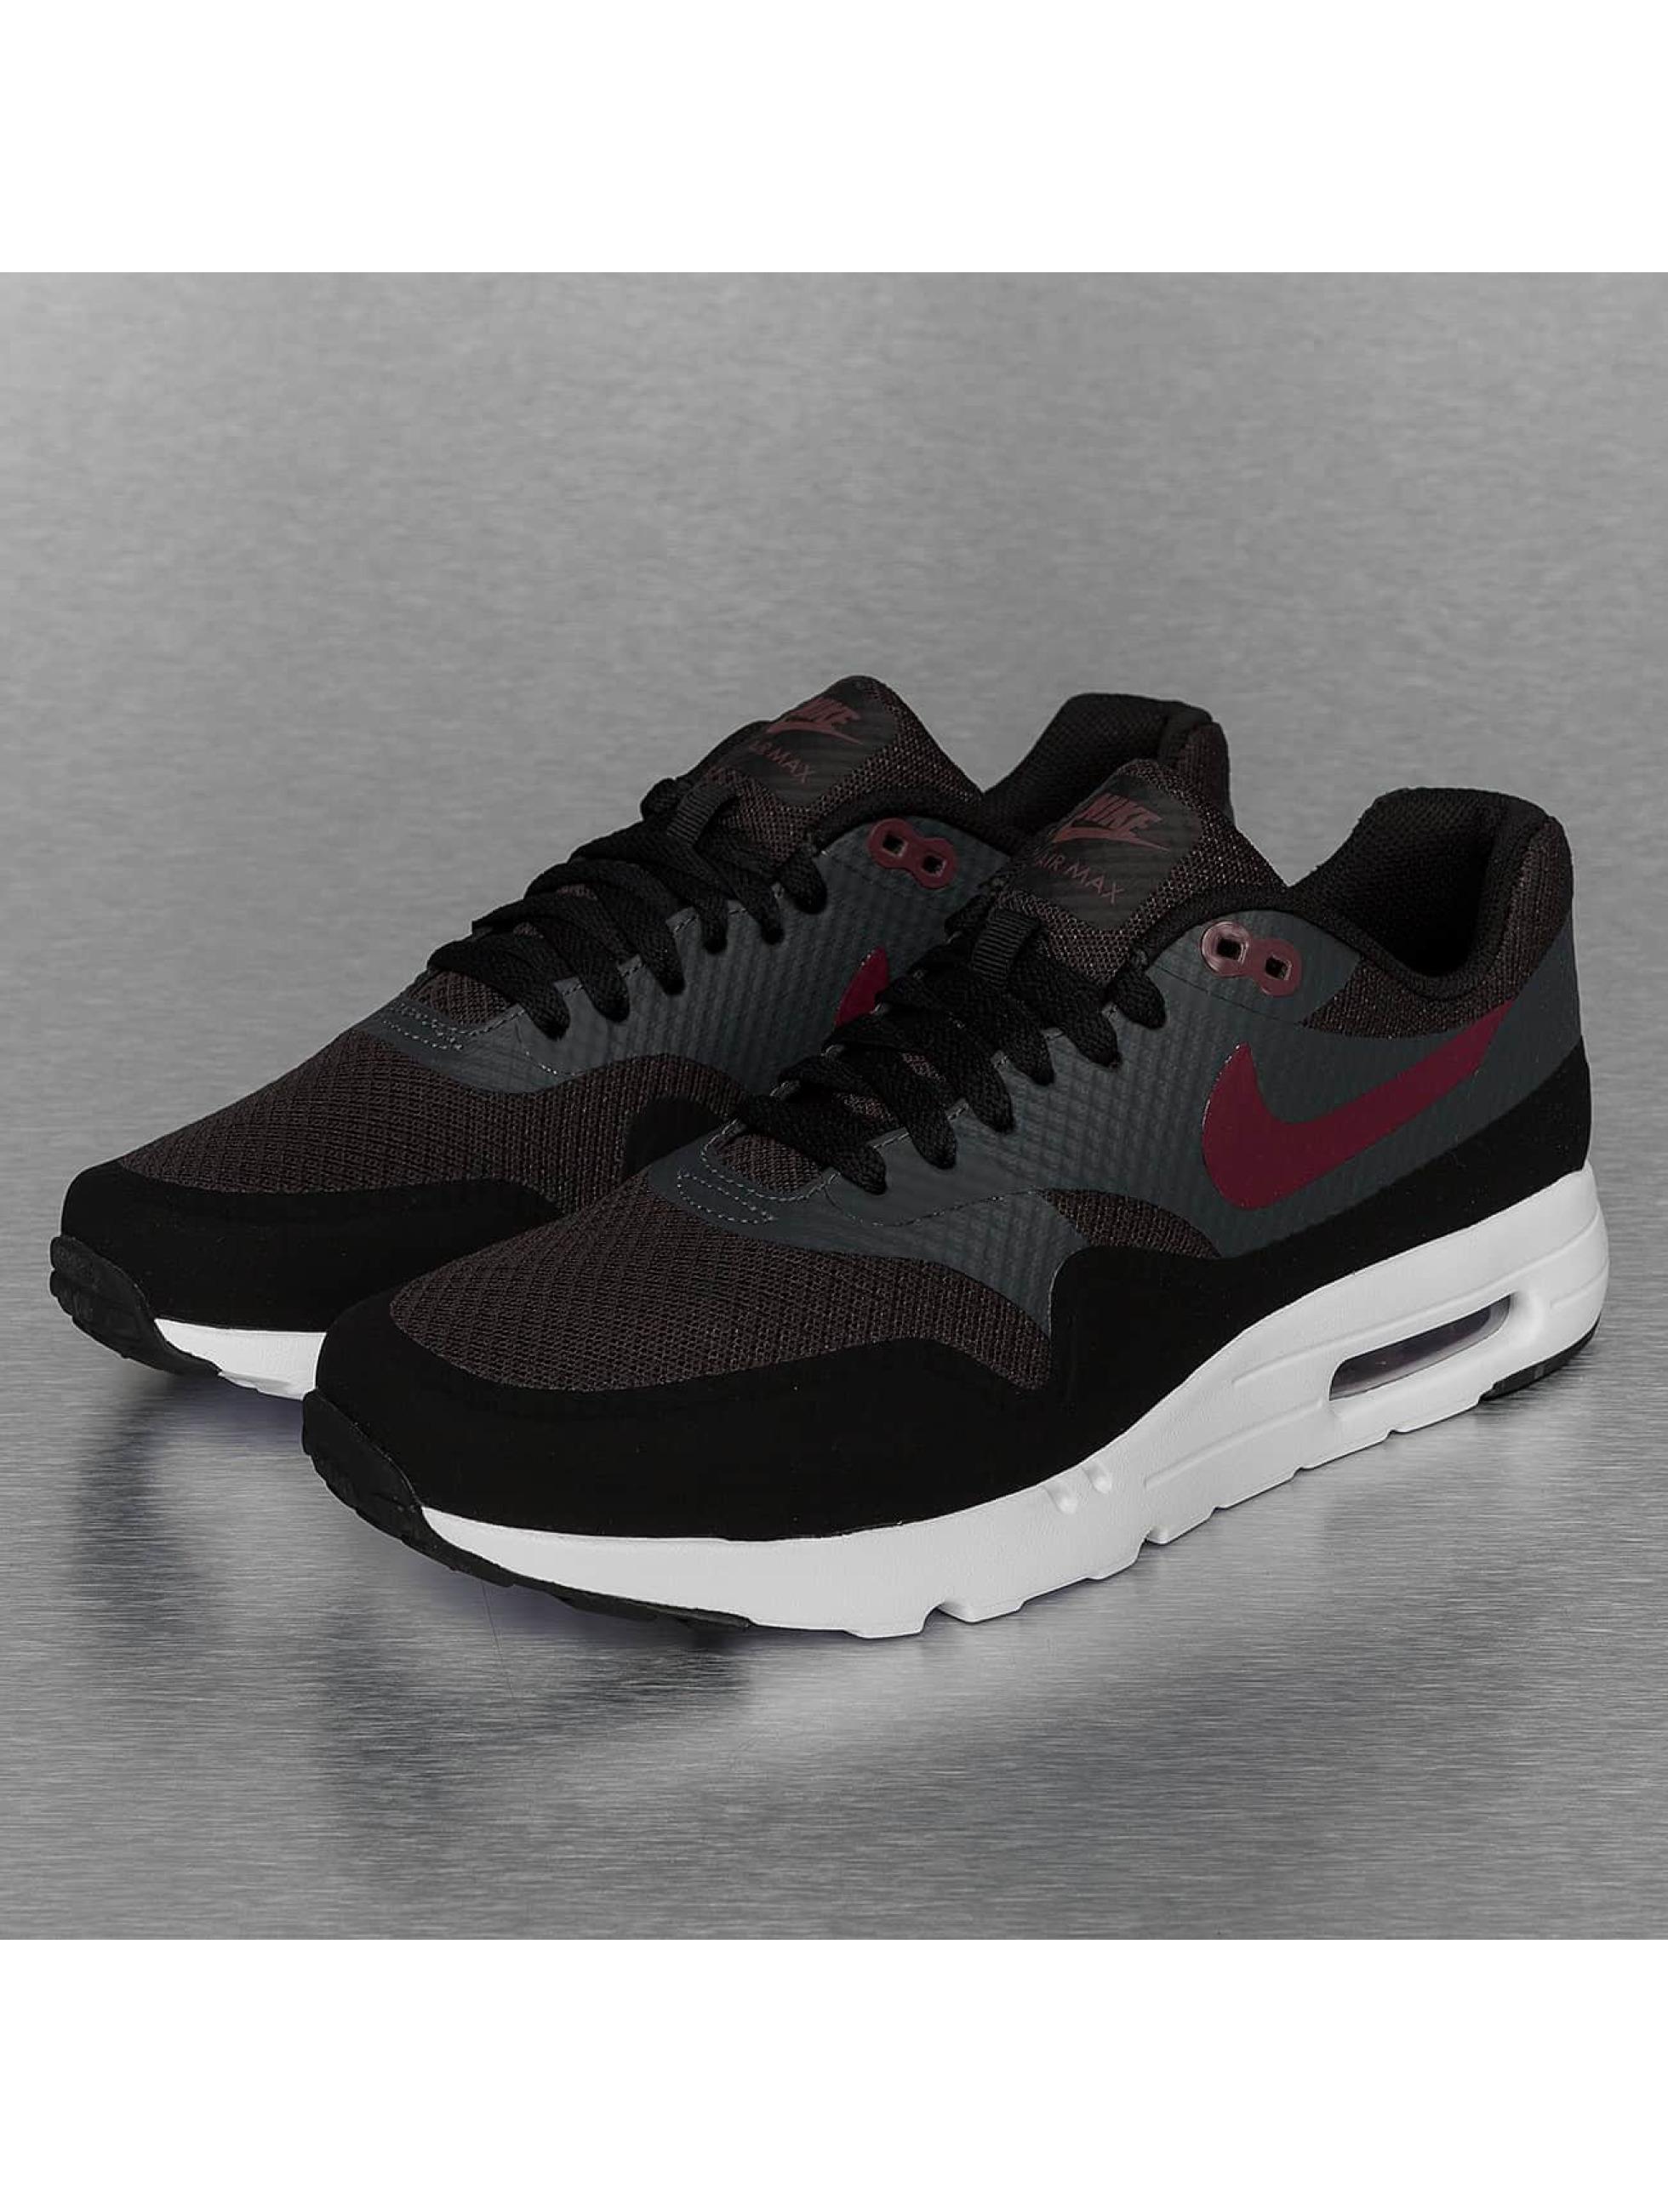 Nike Air Max 1 Ultra Essentials Grau